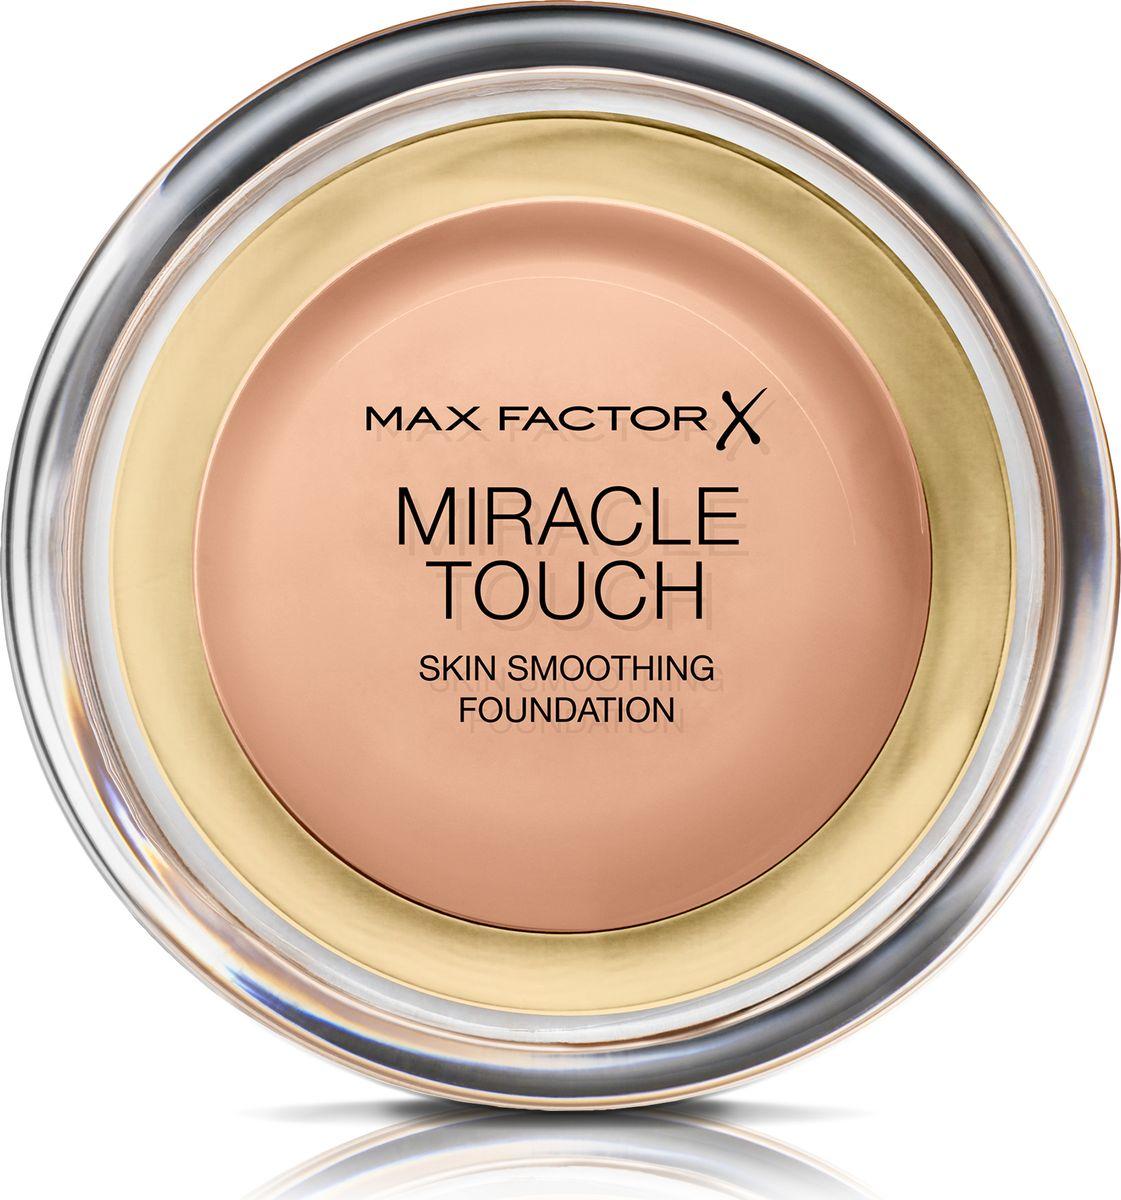 Max Factor Тональная Основа Miracle Touch Тон 70 natural 11,5 гр28032022Уникальная универсальная тональная основа MaxFactorMiracleTouch обладает кремообразной формулой, благодаря которой превосходно подготовить кожу для макияжа очень легко. Всего один слой без необходимости нанесения консилера или пудры. Легкая твердая тональная основа тает в руках и гладко наносится на кожу, создавая идеальное, безупречно блестящее и равномерное покрытие, не слишком прозрачное и не слишком плотное. В результате кожа выглядит свежей, необычайно ровной и приобретает сияние. Чтобы создать безупречное покрытие, можно нанести всего один легкий слой тональной основы или же сделать покрытие более плотным благодаря специальной формуле. Тональная основа подходит для всех типов кожи, включая чувствительную кожу, и не вызывает угревой сыпи, так как не закупоривает поры. Спонж в комплекте для простого и аккуратного нанесения где угодно.Идеальное покрытие в один слой- консилер и пудра не нужны. Умеренное или плотное покрытие благодаря специальной формуле. Не вызывает угревую сыпь и не закупоривает поры. Дерматологически протестировано, подходит для чувствительной кожи.Удобная компактная форма, которую легко держать в руках, со спонжем для быстрого и простого нанесения. Идеальный оттенок должен соответствовать тону кожи на линии подбородка. Для получения наиболее профессионального результата с помощью спонжа, входящего в комплект, нанеси тональную основу MiracleTouchLiquidIllusion и распредели ее от центра лица к краям. Чтобы скрыть темные круги и недостатки кожи, наноси основу краем спонжа. Всегда наноси продукт при ярком дневном освещении.